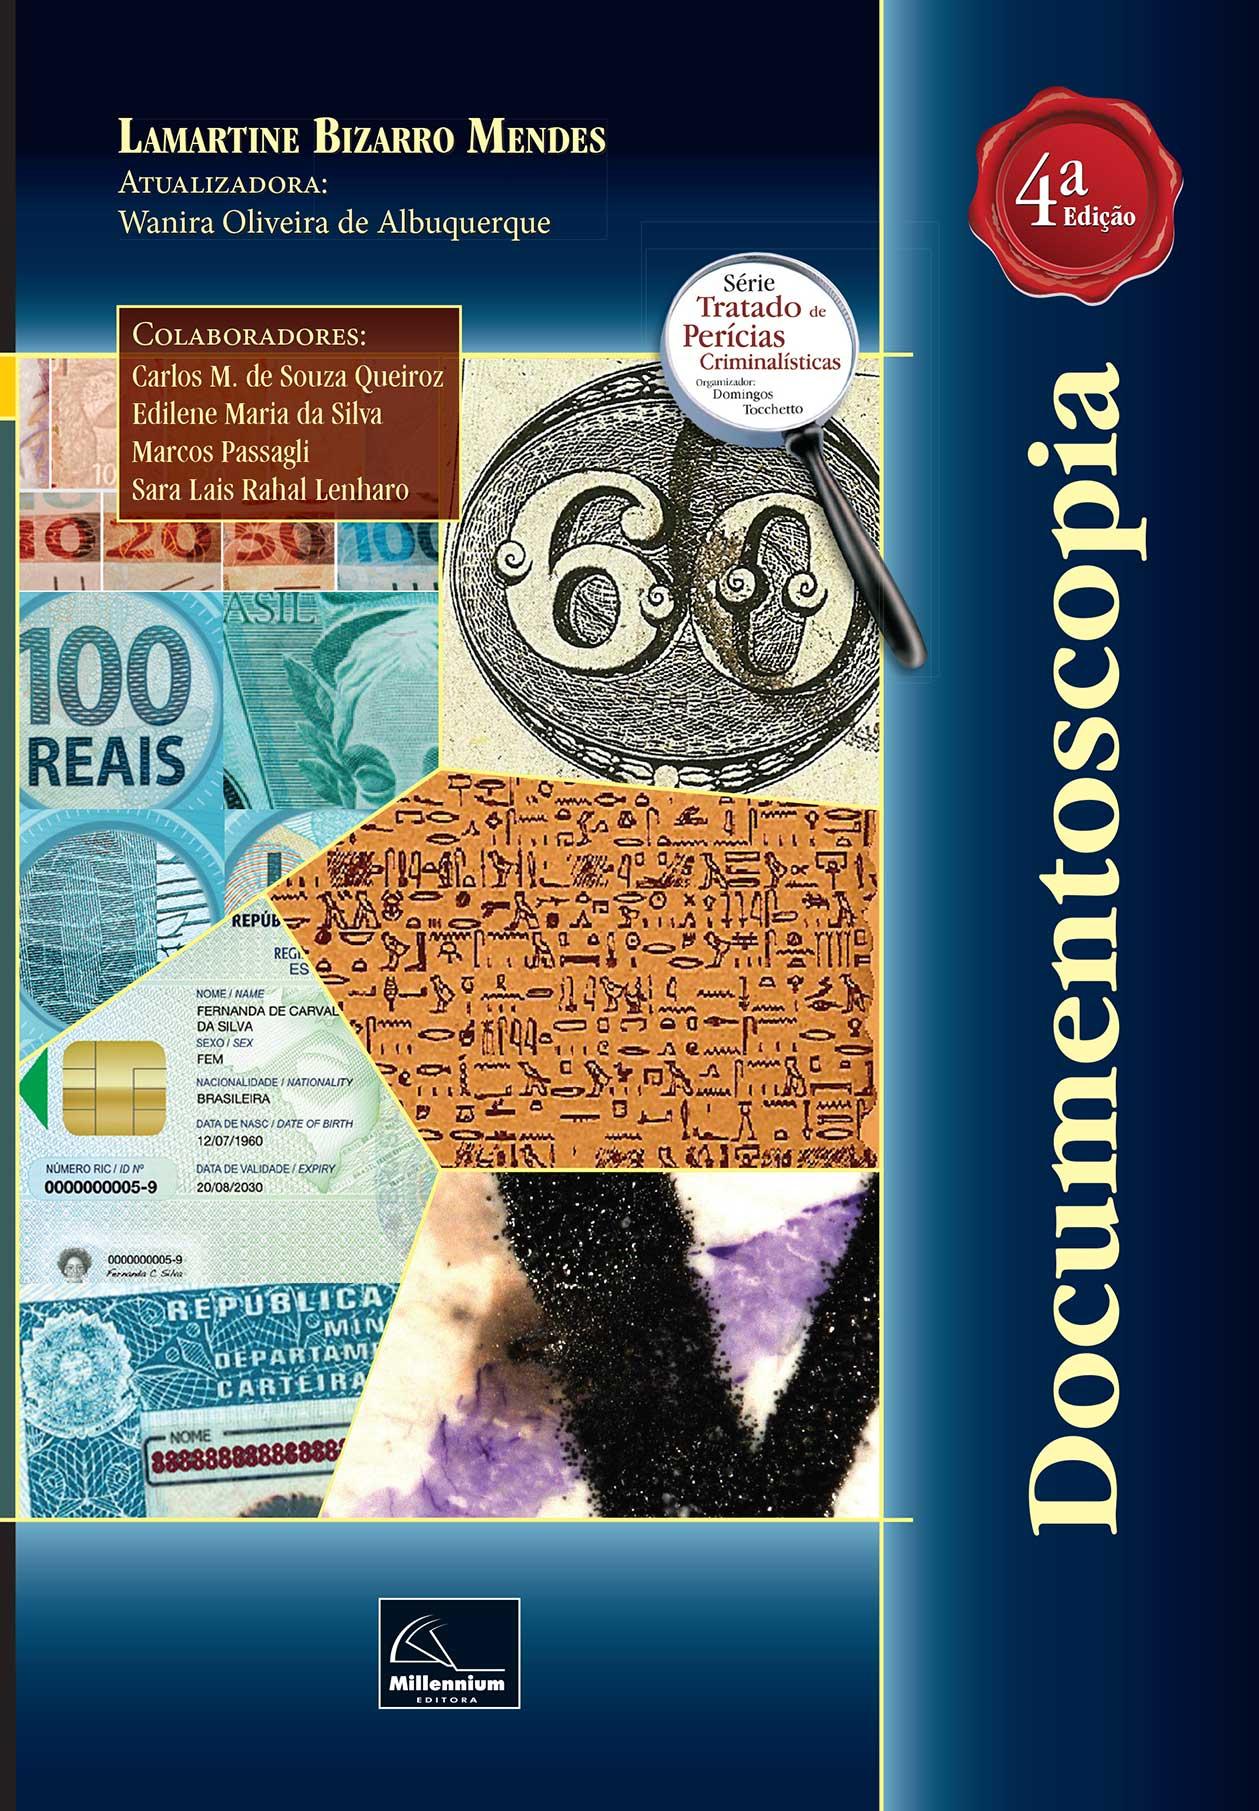 Documentoscopia 4ª Edição <b>Autor: Lamartine Bizarro Mendes - Atualizadora: Wanira O. de Albuquerque</b>  - Millennium Editora - Livros de Perícia